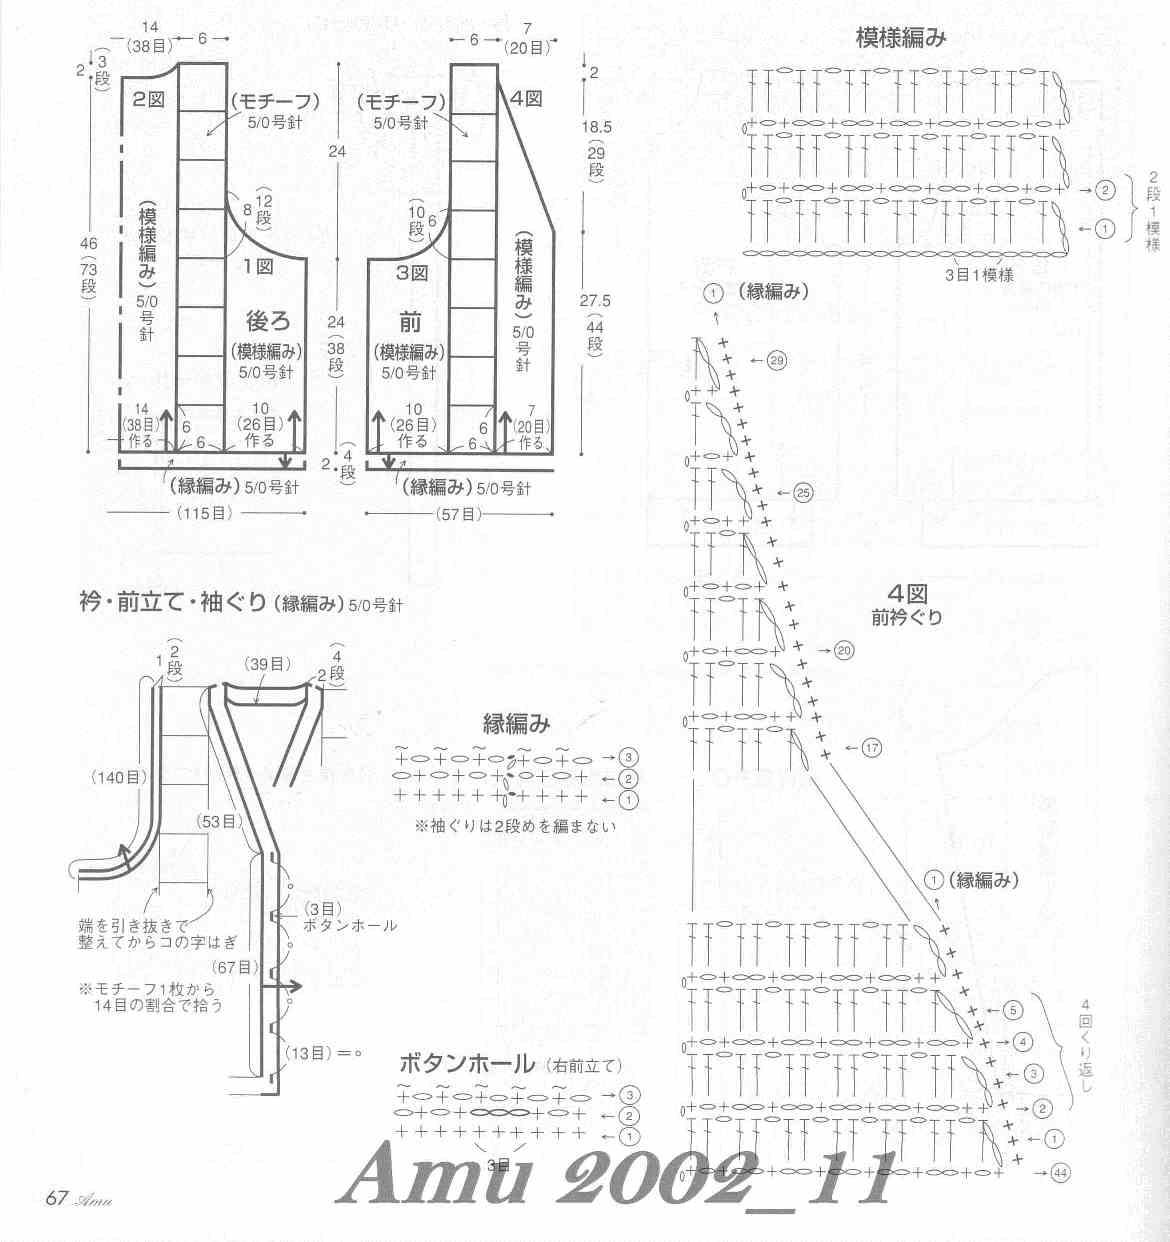 1015_Amu 2002-11 (29)